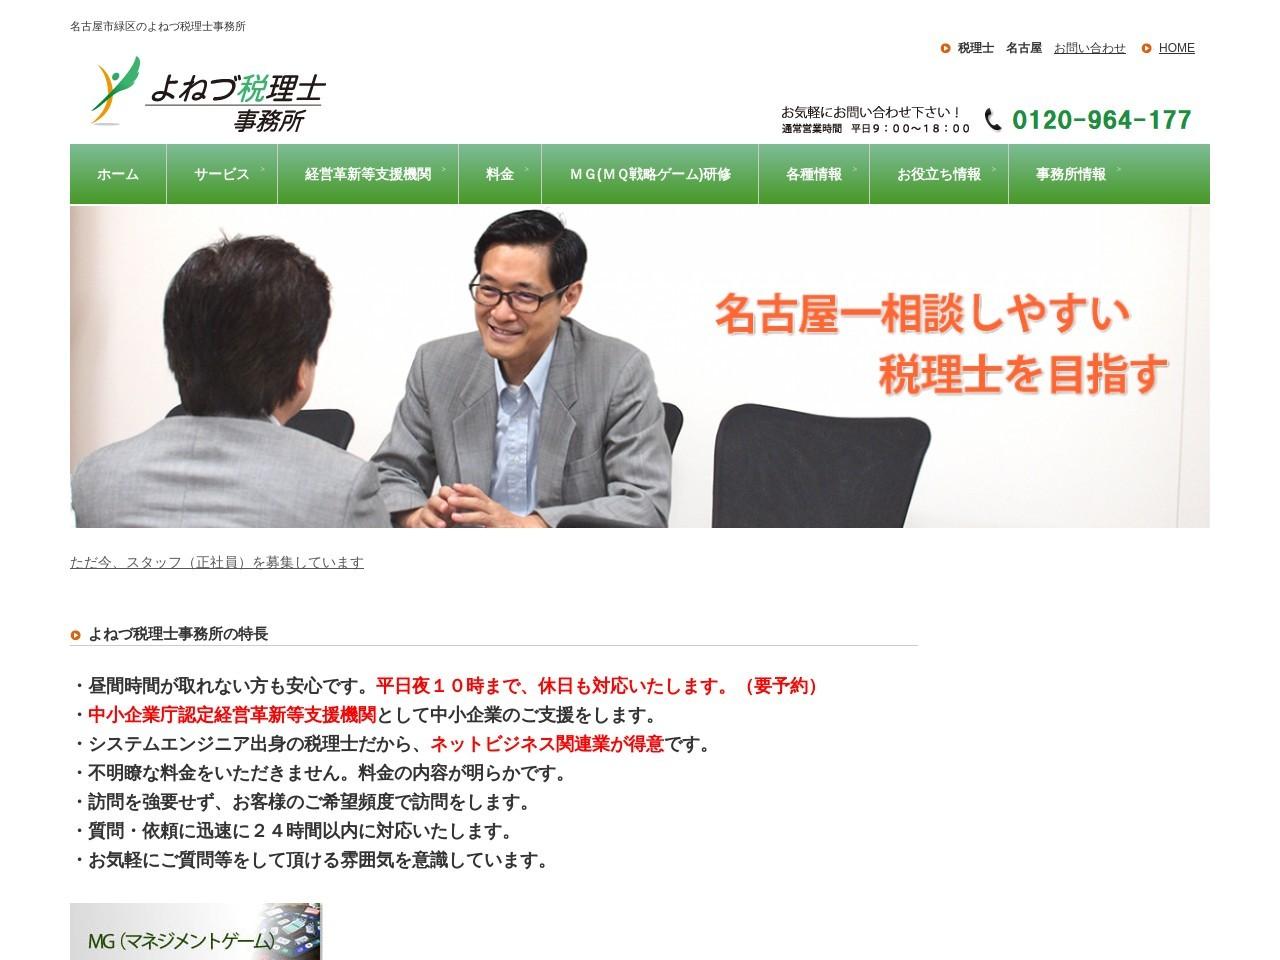 米津晋次税理士事務所